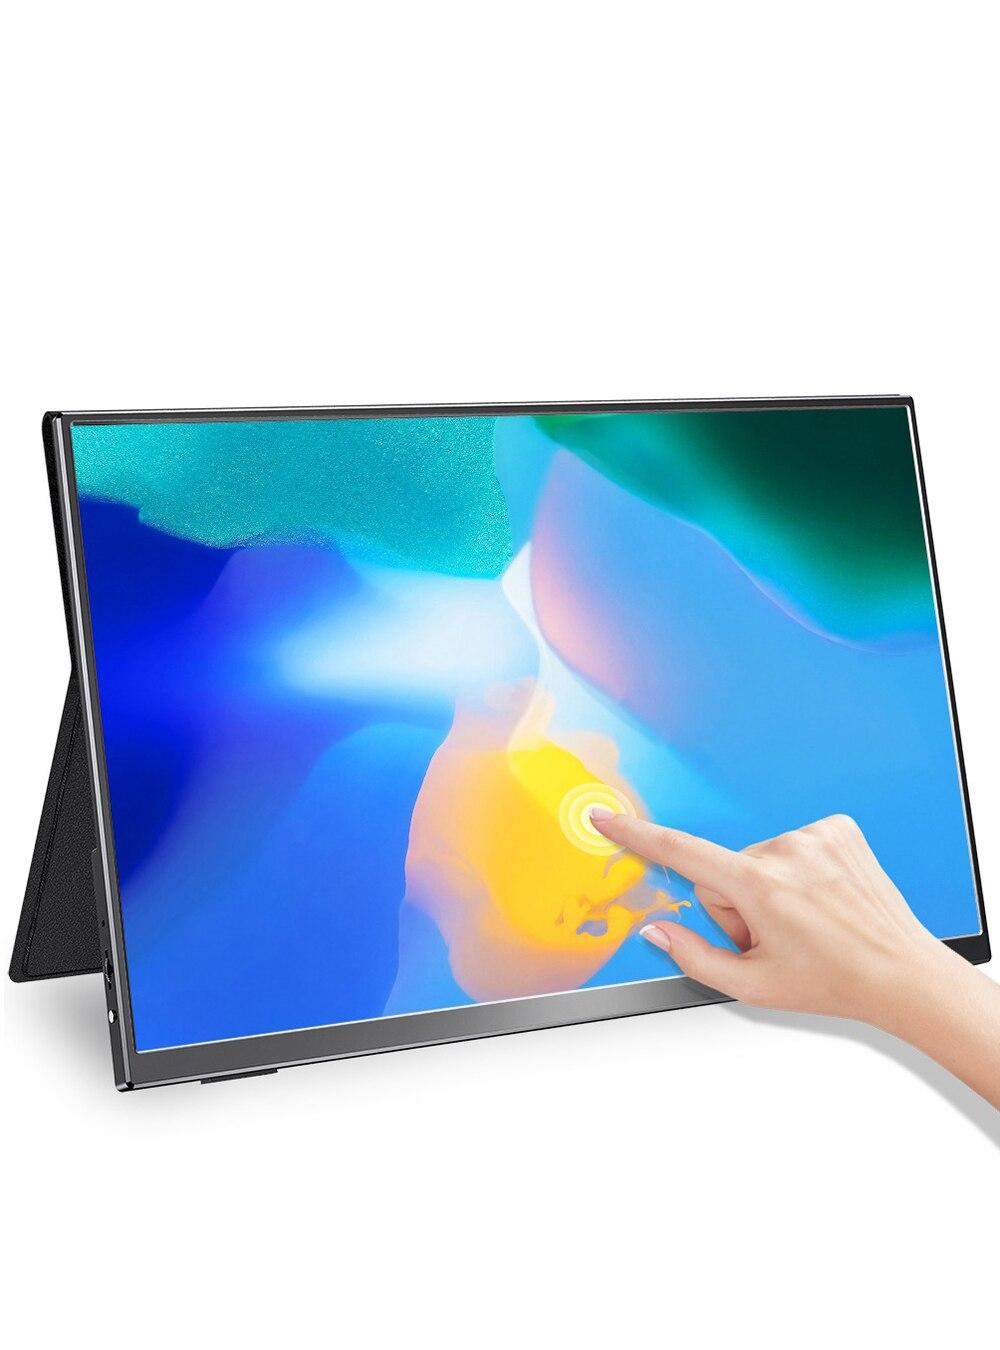 UPERFECT – écran tactile Portable 15.6 pouces, 1080P, pour jeux vidéo, sRGB, 100% couleurs, léger, grand Angle de vision